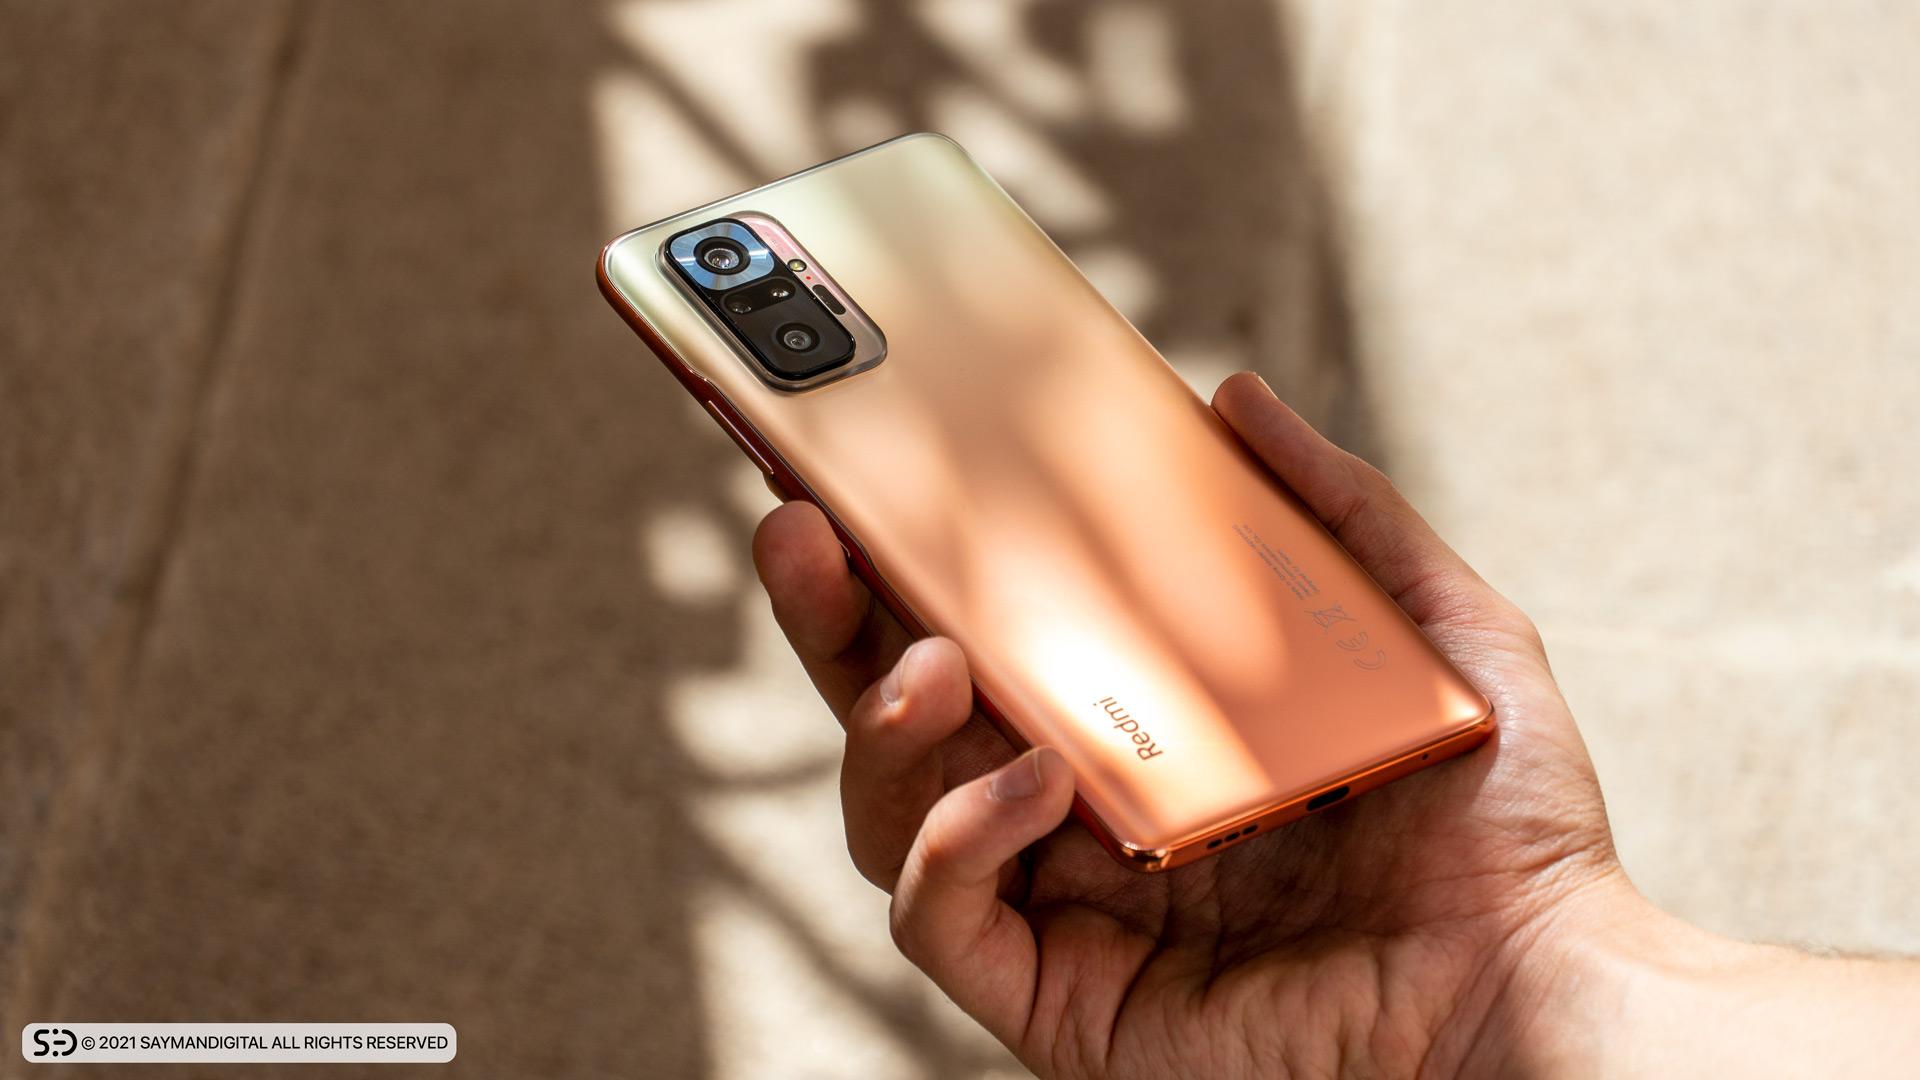 ردمی نوت 10 پرو - بهترین گوشی های شیائومی در تمام رده های قیمتی